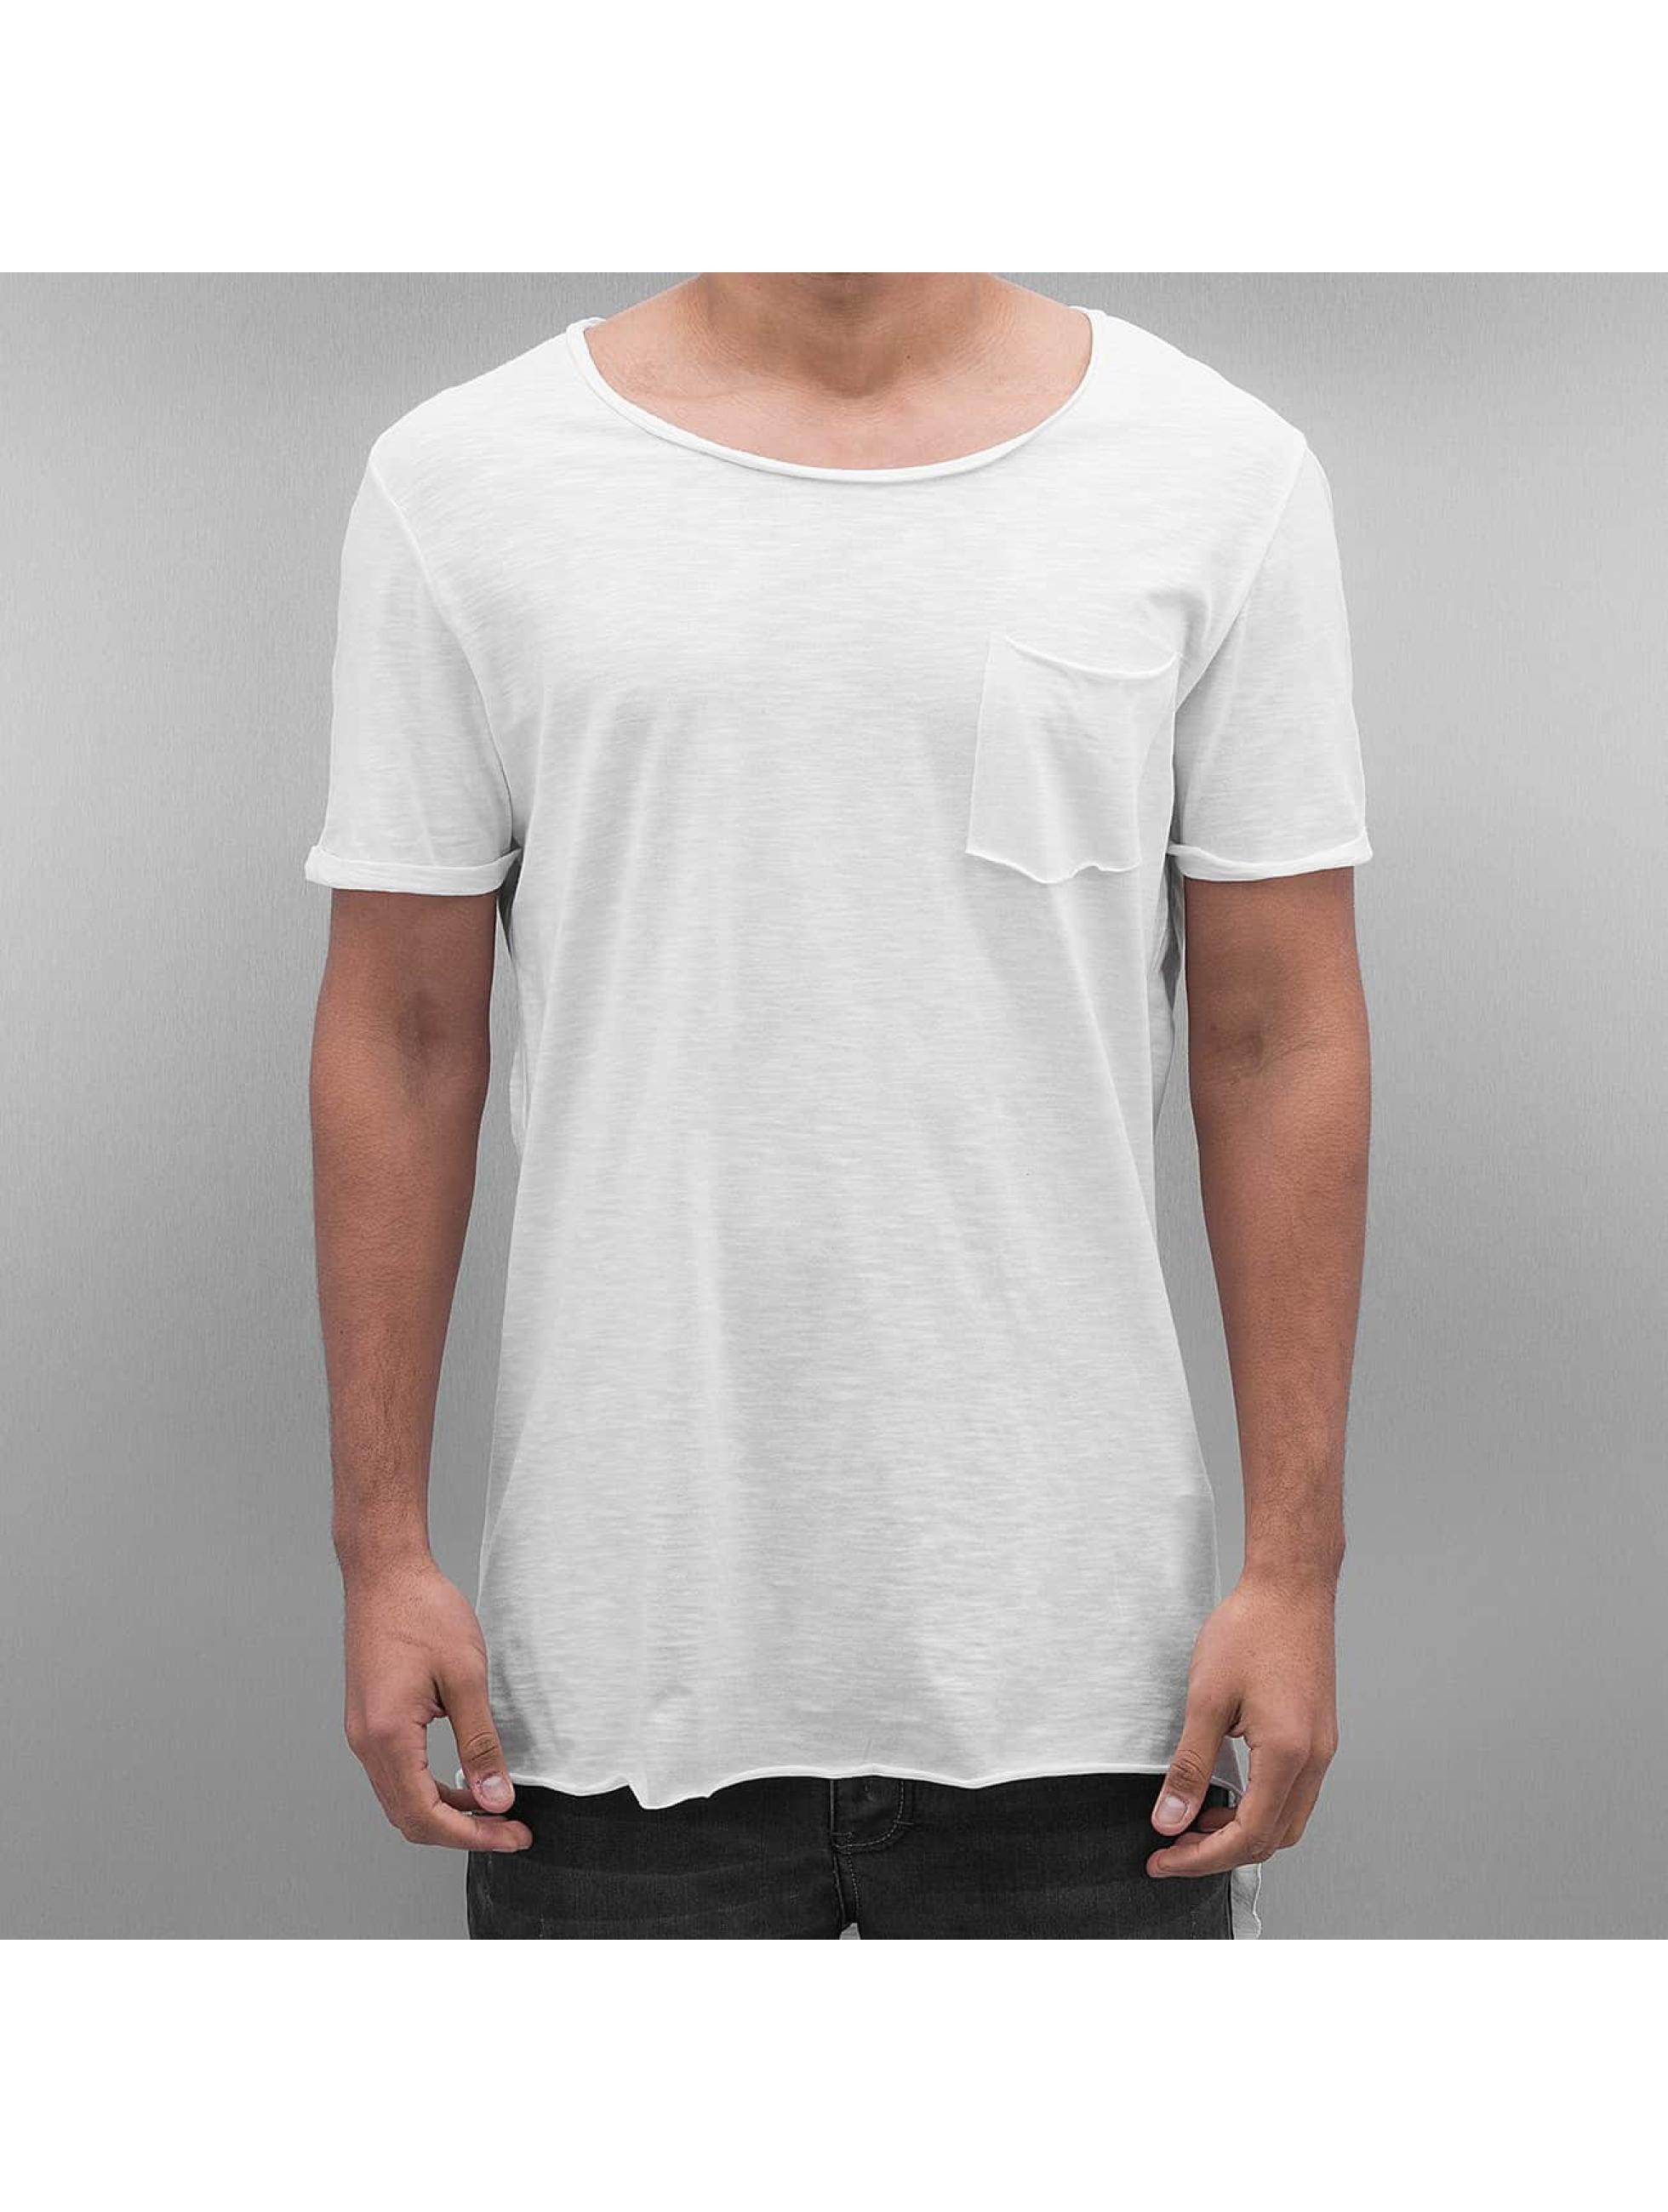 T-Shirt Wilmington in weiß